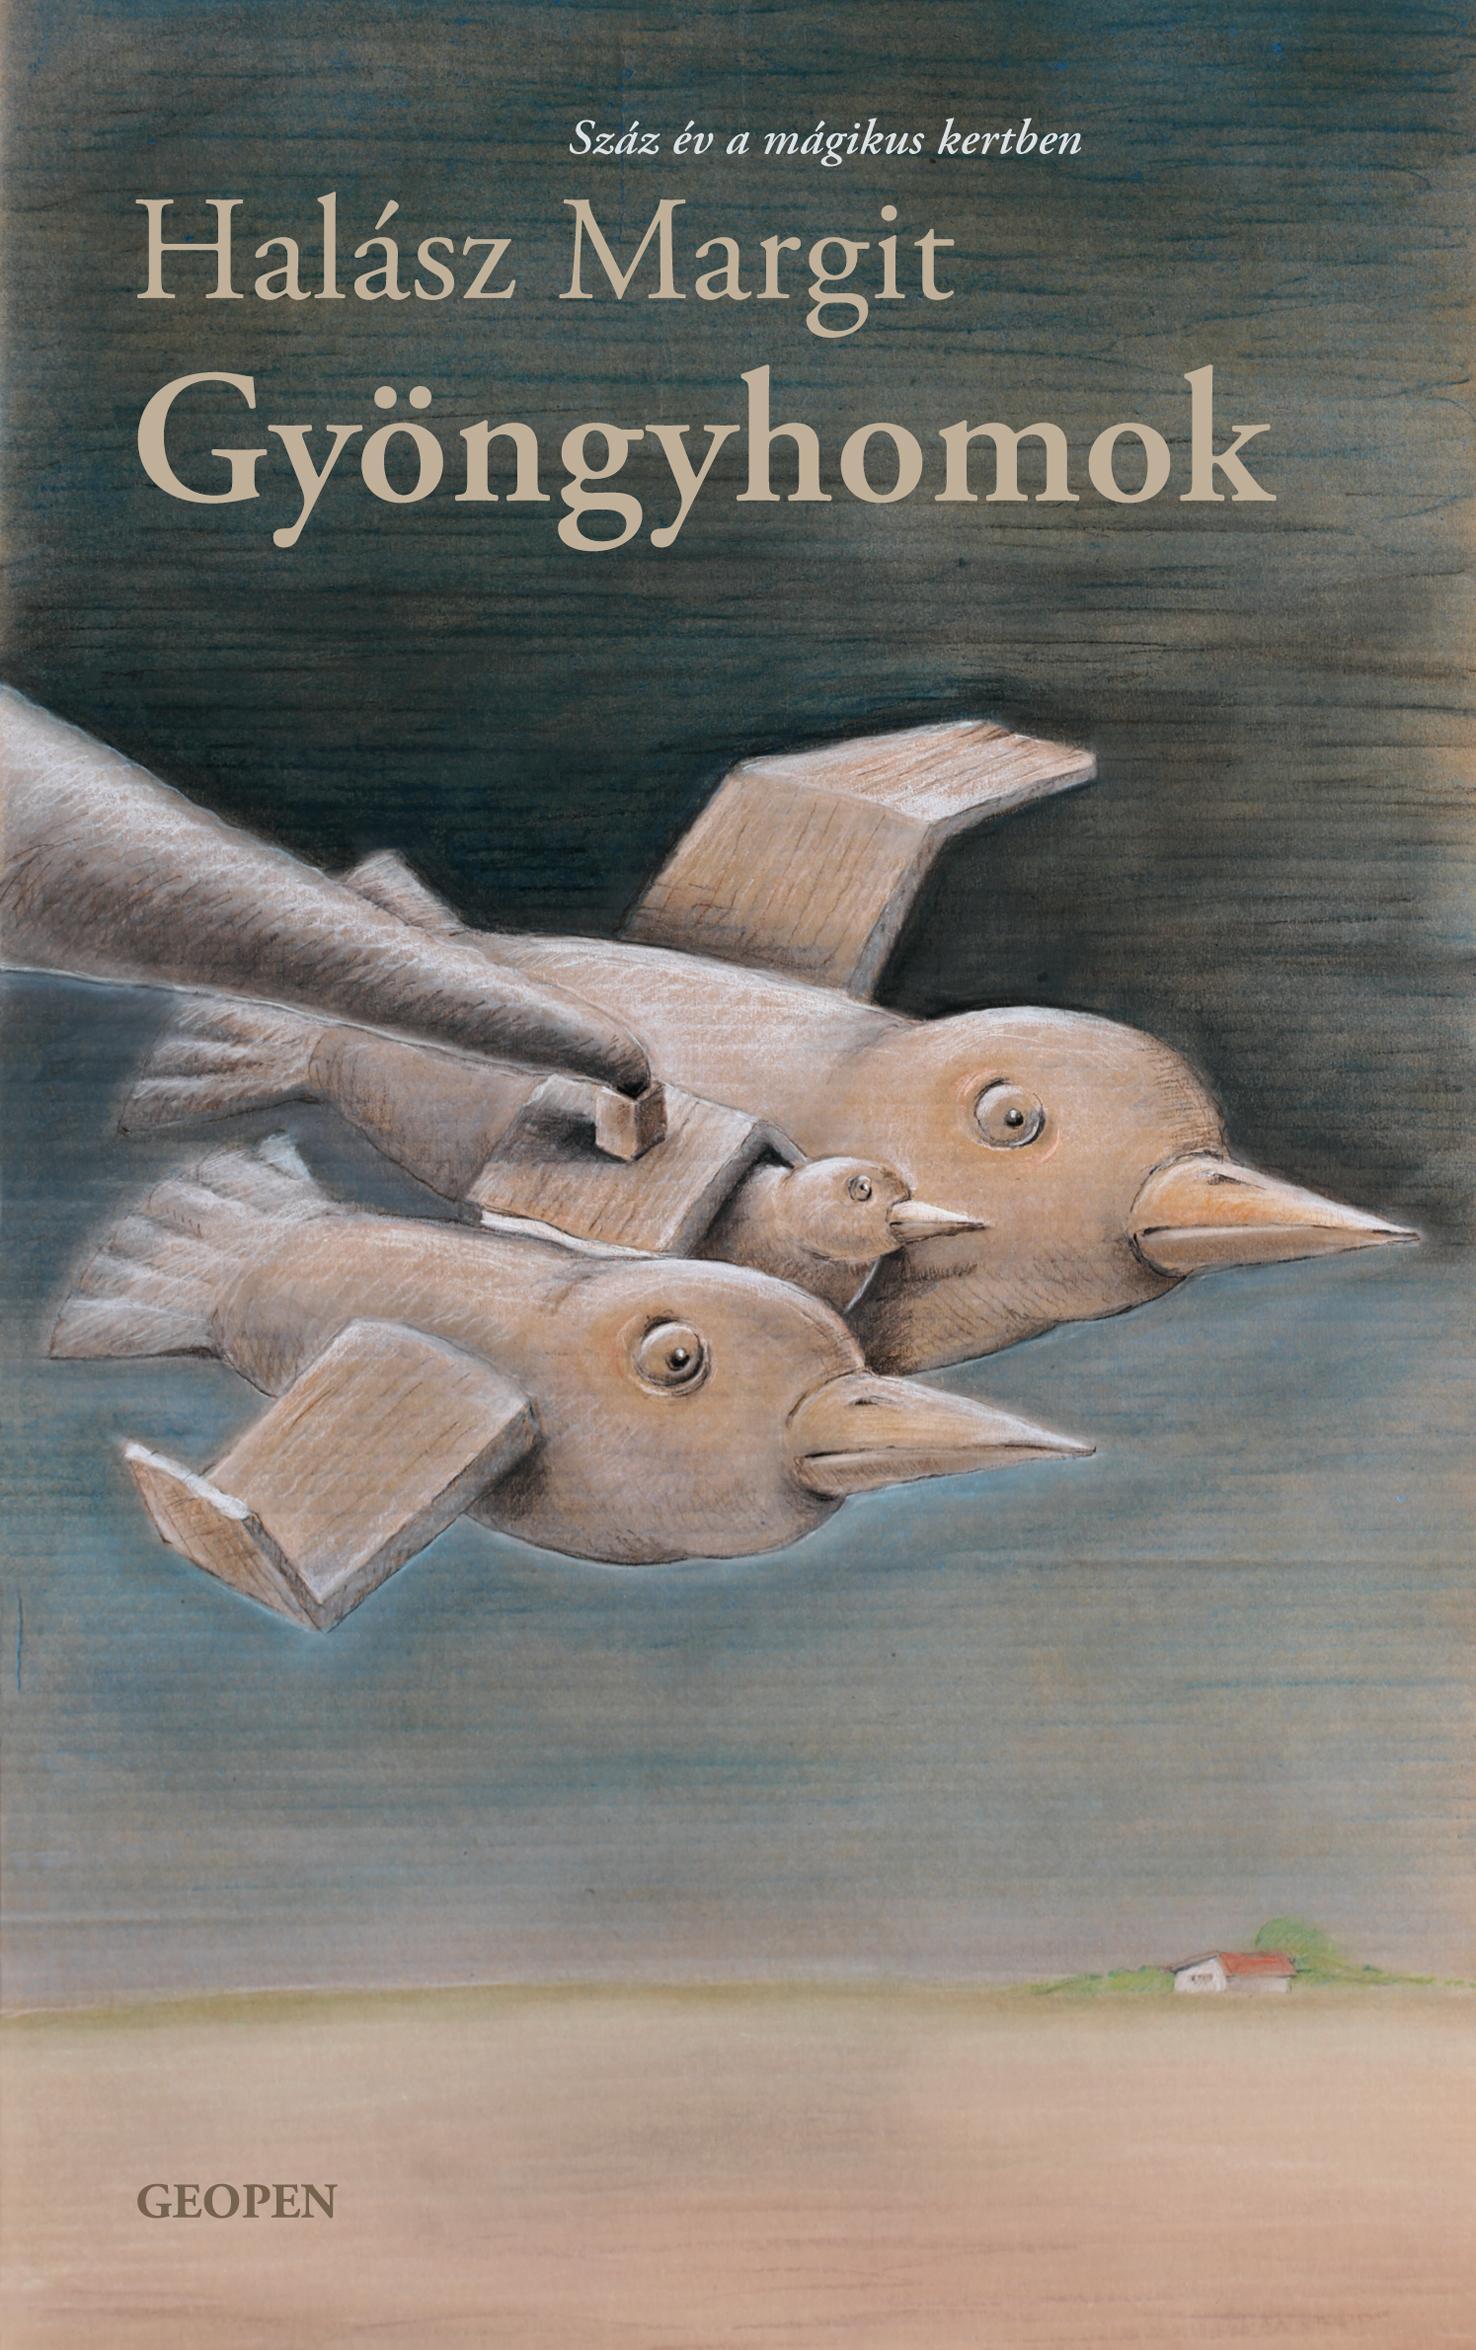 GYÖNGYHOMOK